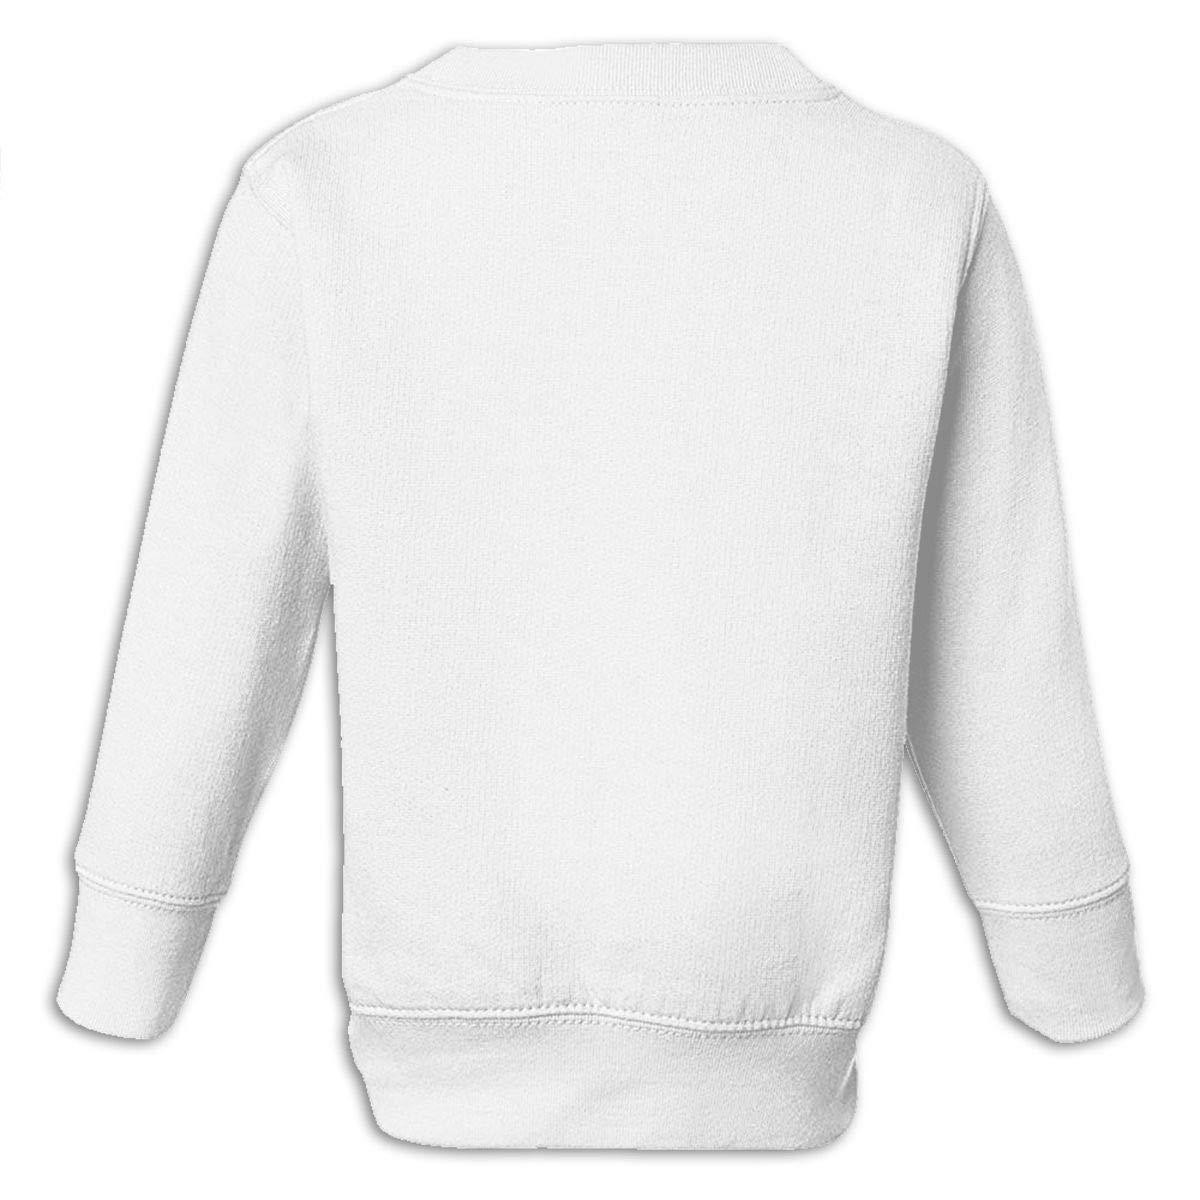 GHYNJUM Monkey Astronaut Juvenile Unisex Cotton Long Sleeve Round Neck Sweatshirt